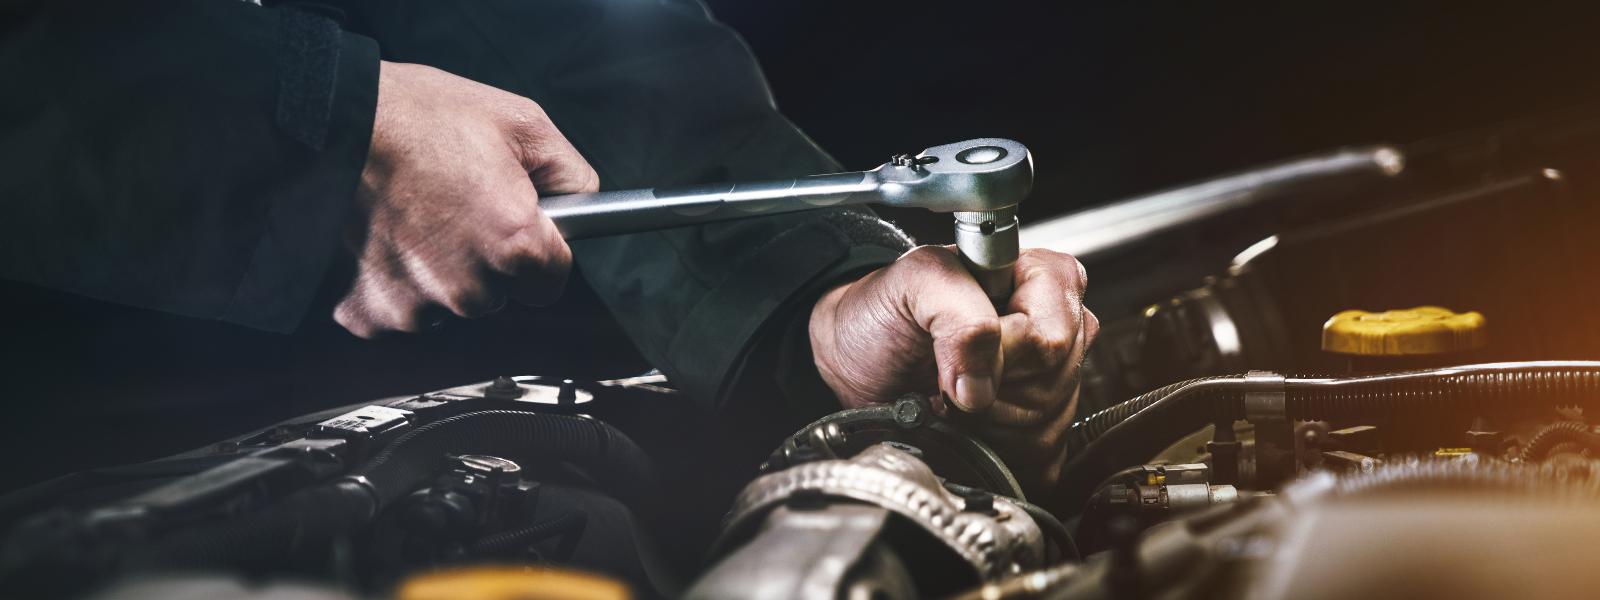 newhall-car-repair CA